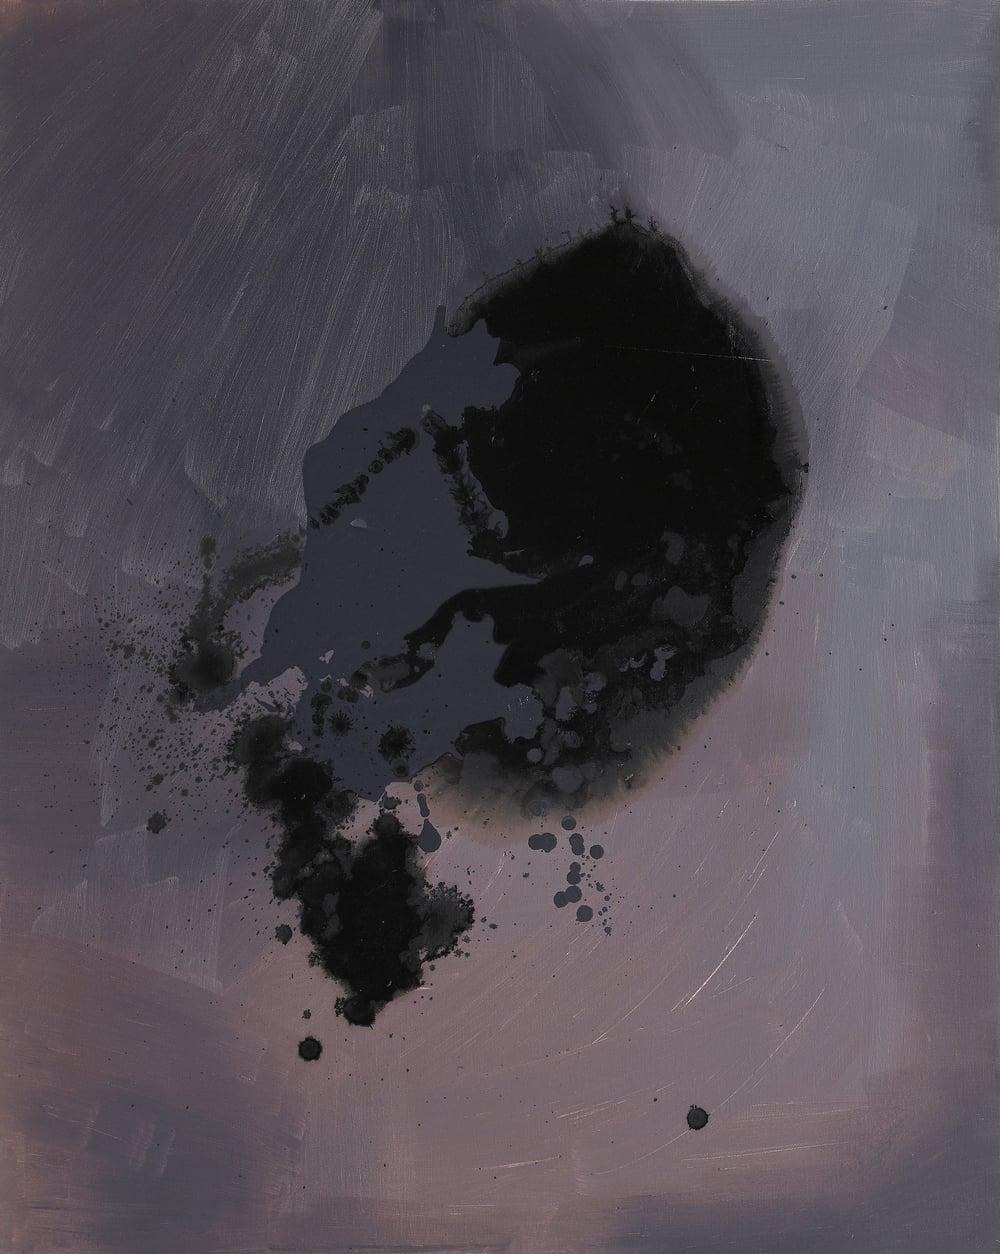 matter_06  oil on canvas  72.2 cm X 90.9 cm  2012